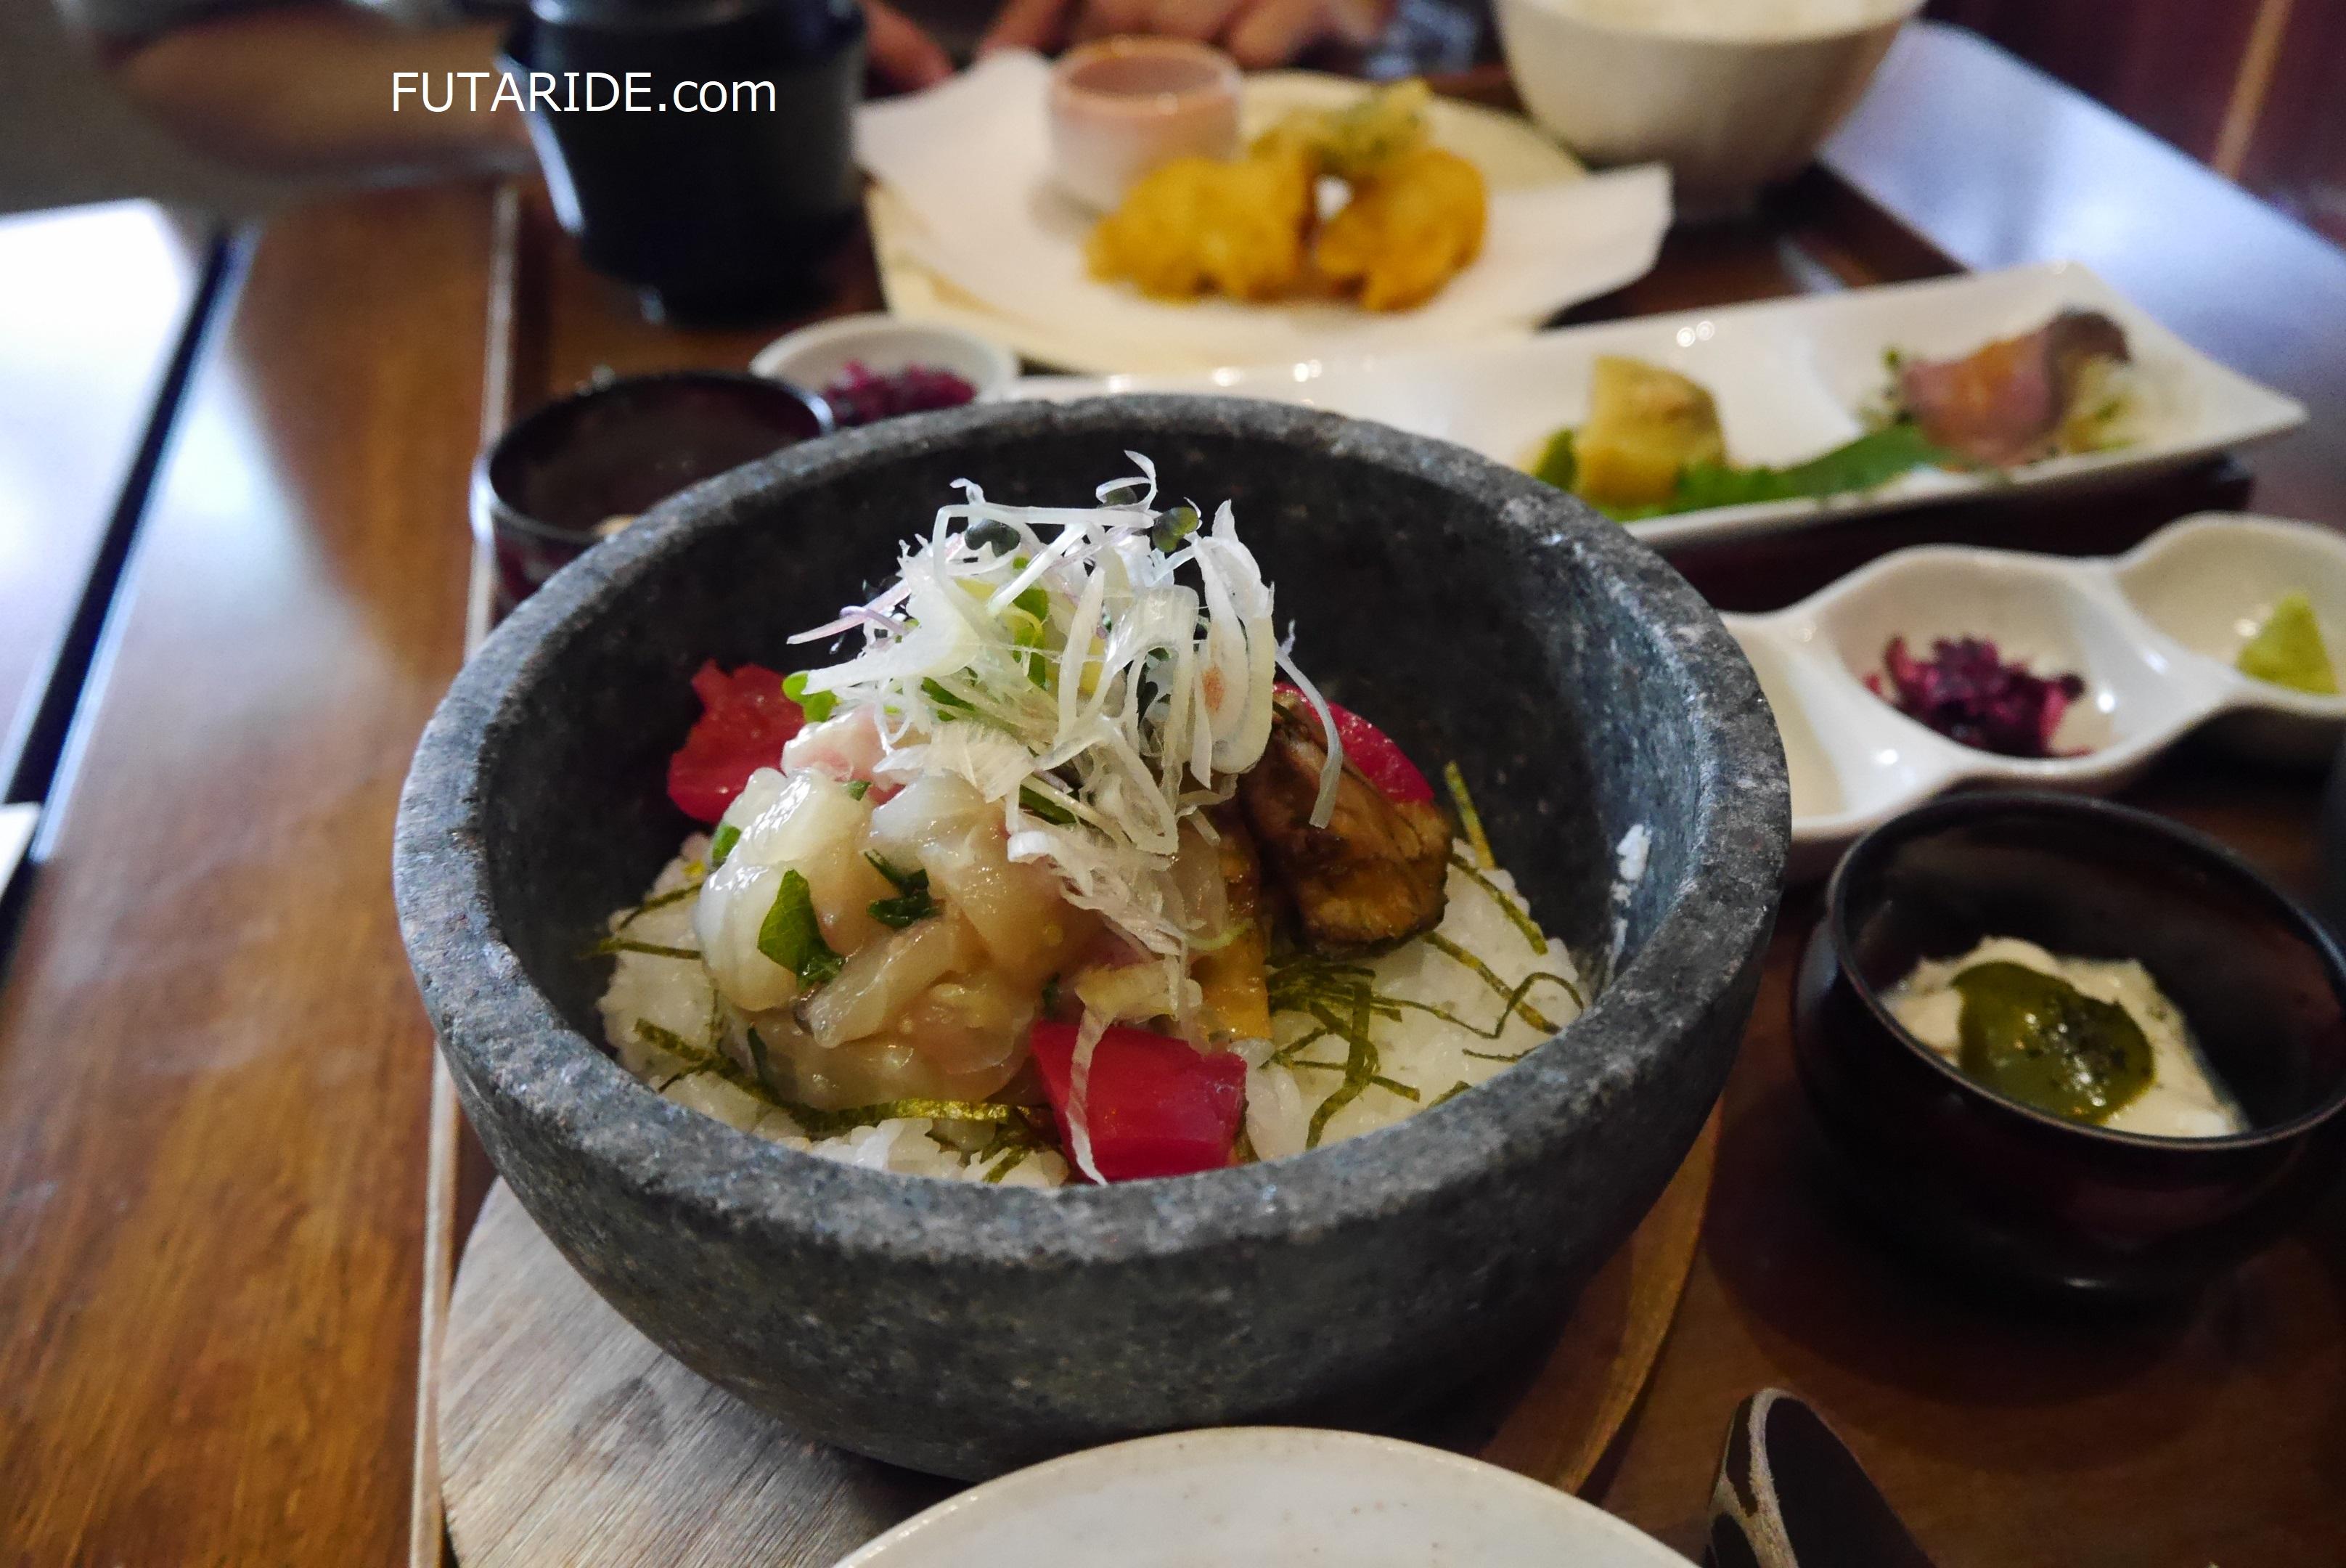 【IYEMON SALON】あの「伊右衛門」のカフェで美味しいランチを楽しもう!!【京都】